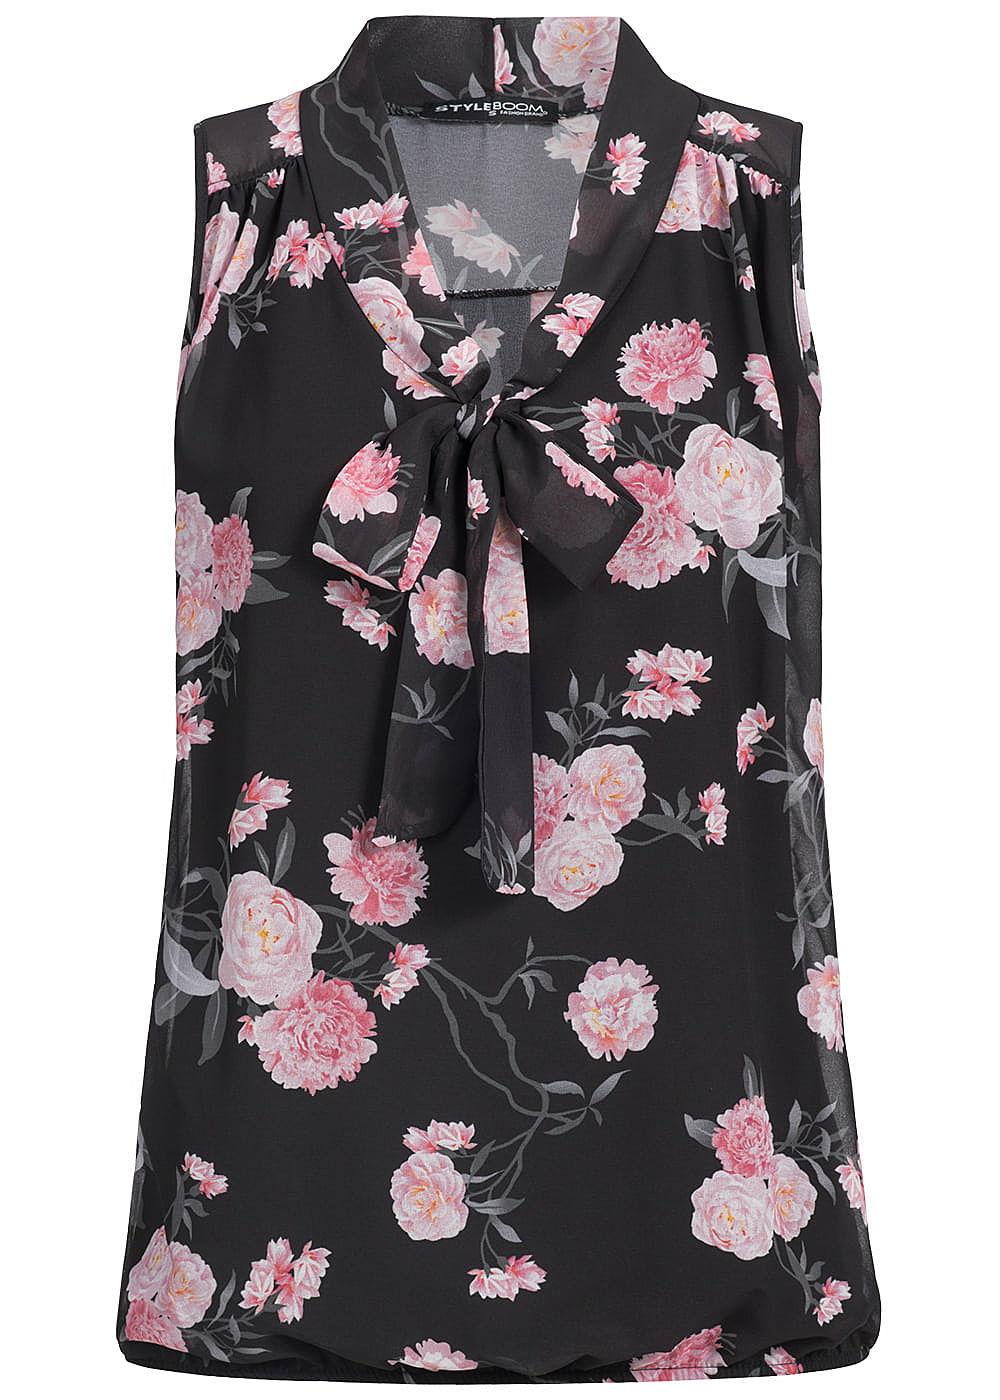 styleboom fashion damen chiffon top schleife blumen muster schwarz rosa 77onlineshop. Black Bedroom Furniture Sets. Home Design Ideas